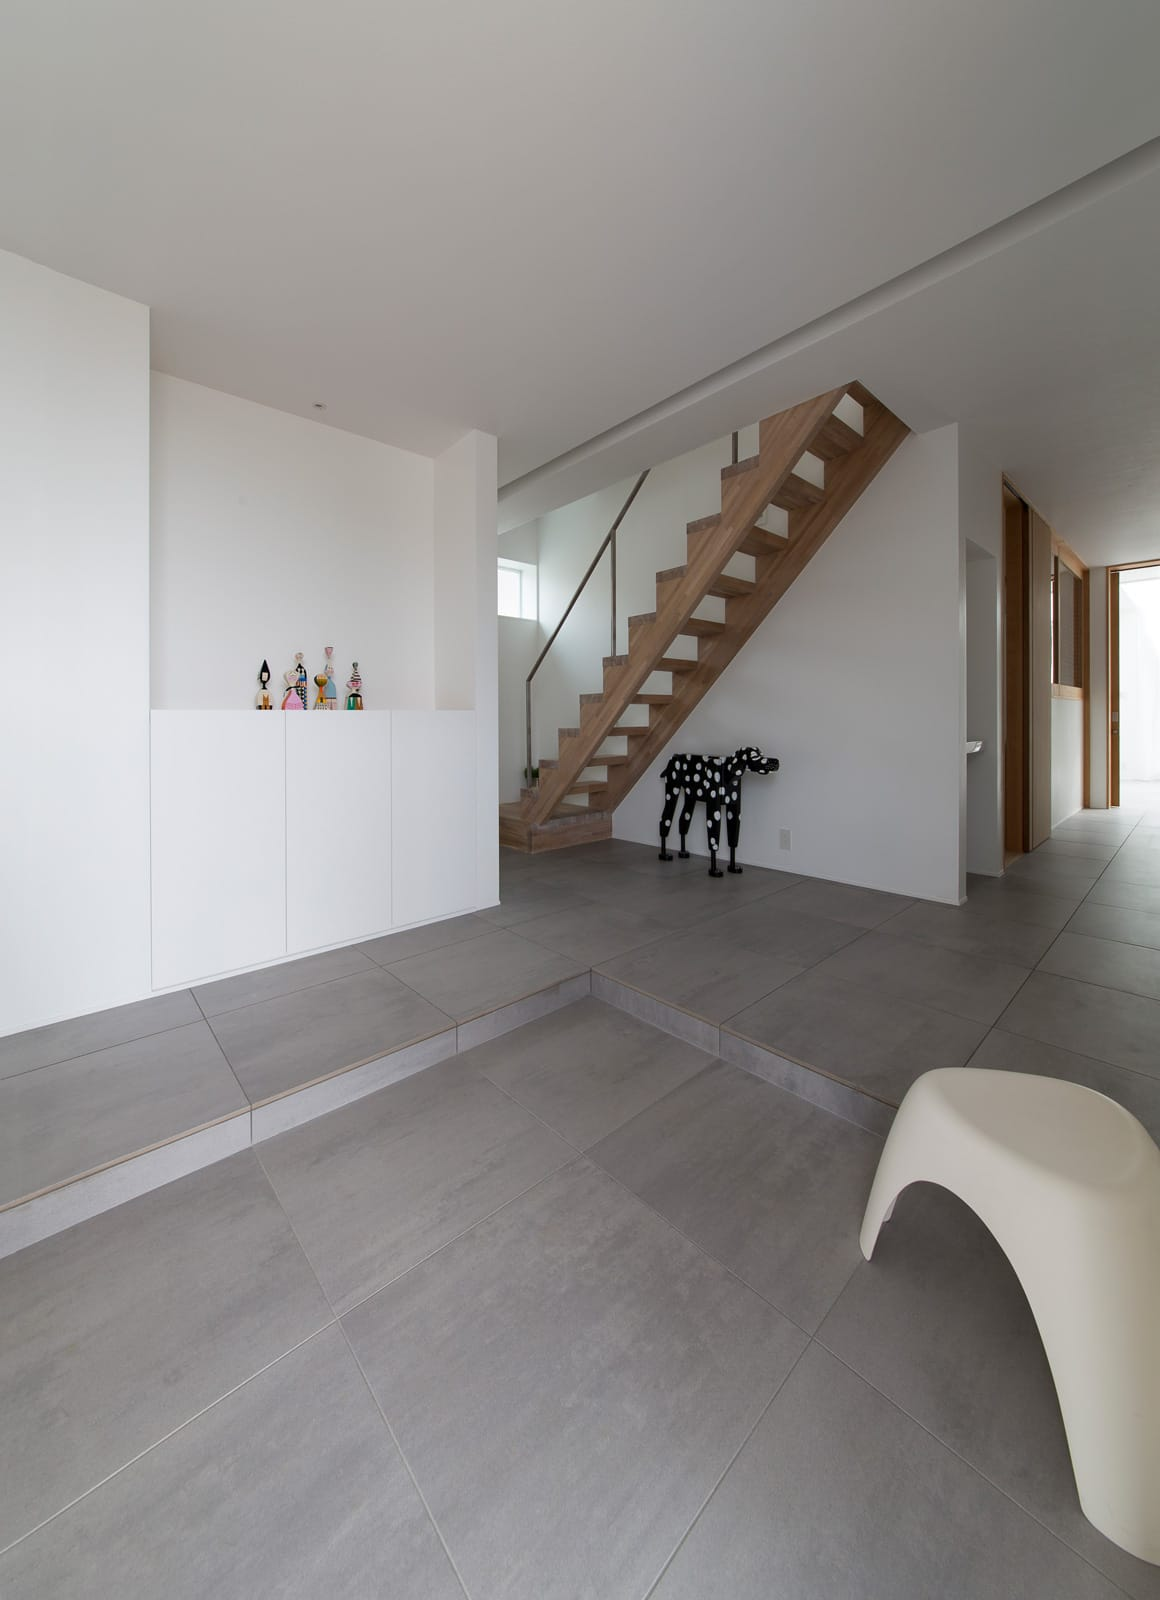 サンルームのある二世帯住宅の階段(木製)1